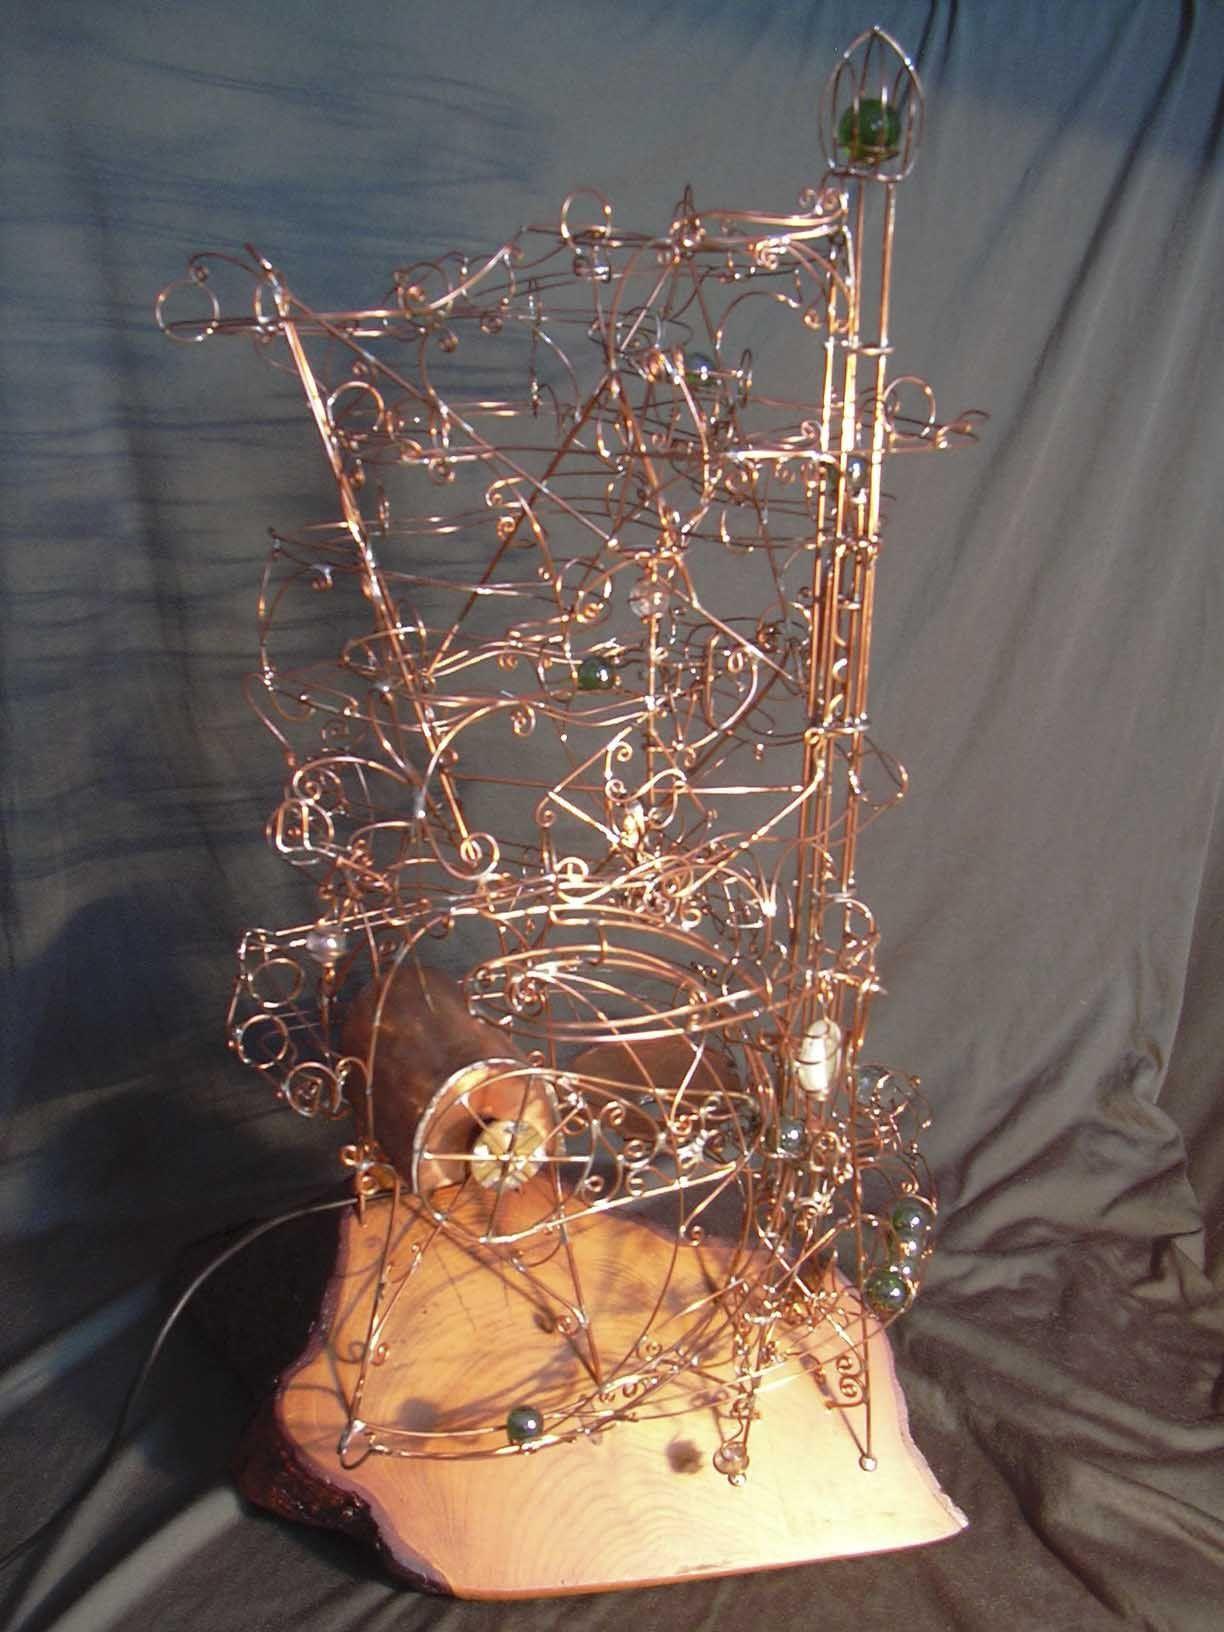 Draht-Art von Ernst Heye | Rolling Ball Sculpture | Pinterest ...